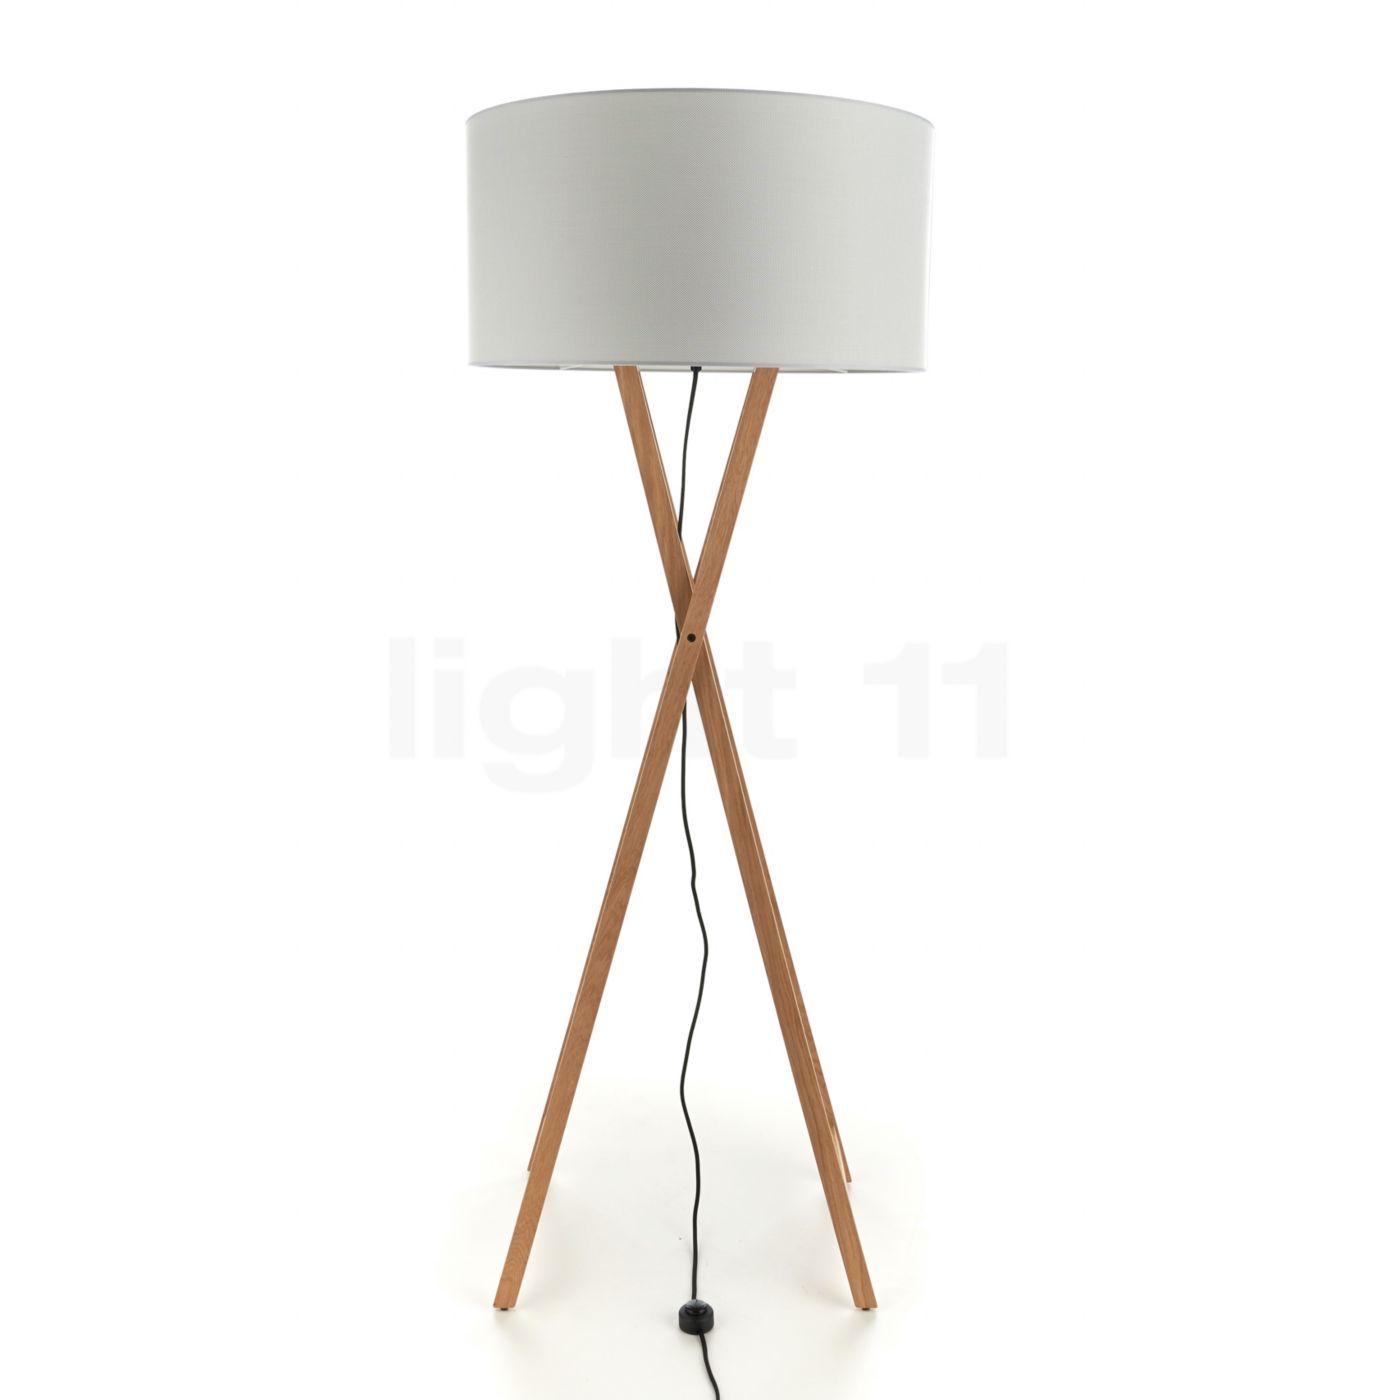 Indoor floor lighting Decking Light11 Buy Marset Cala Indoor Floor Lamp At Light11eu